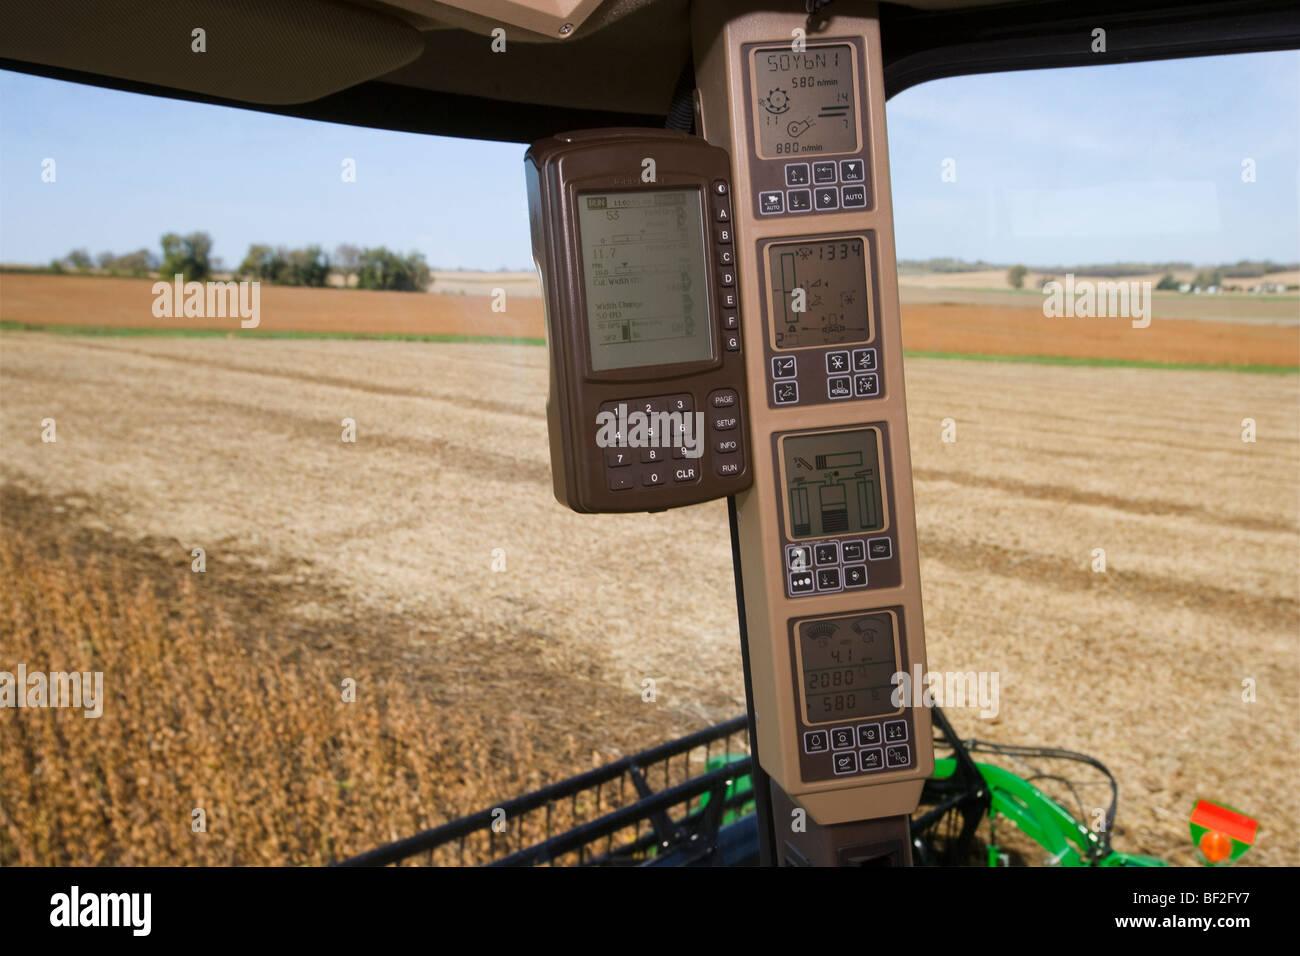 Innenansicht eines Mähdreschers während der Soja-Ernte zeigt den Ertrag Monitor und verschiedene kombinieren Stockbild